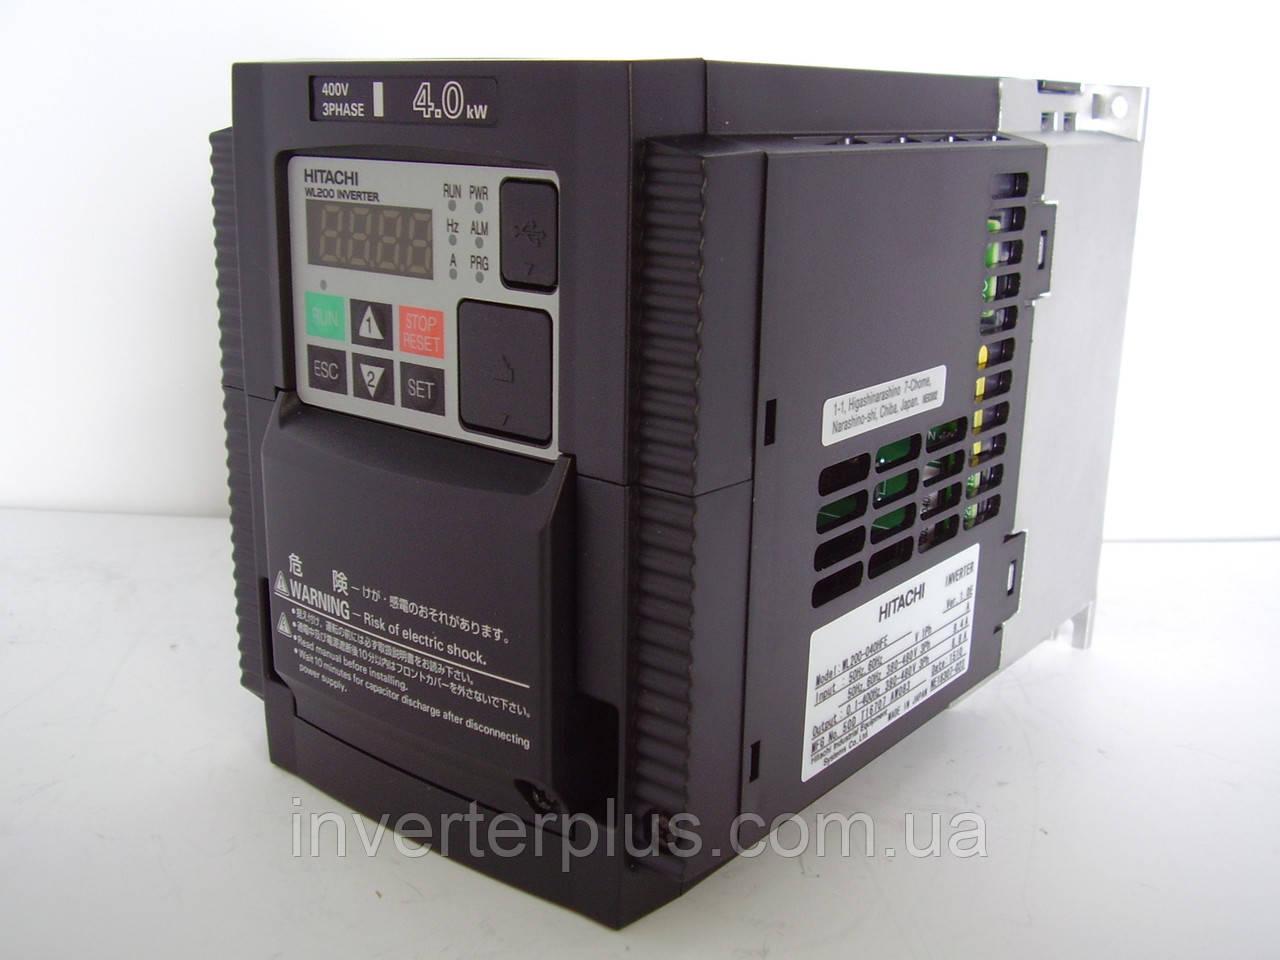 WL200-040НFE; 4кВт/380В. Частотний перетворювач Hitachi